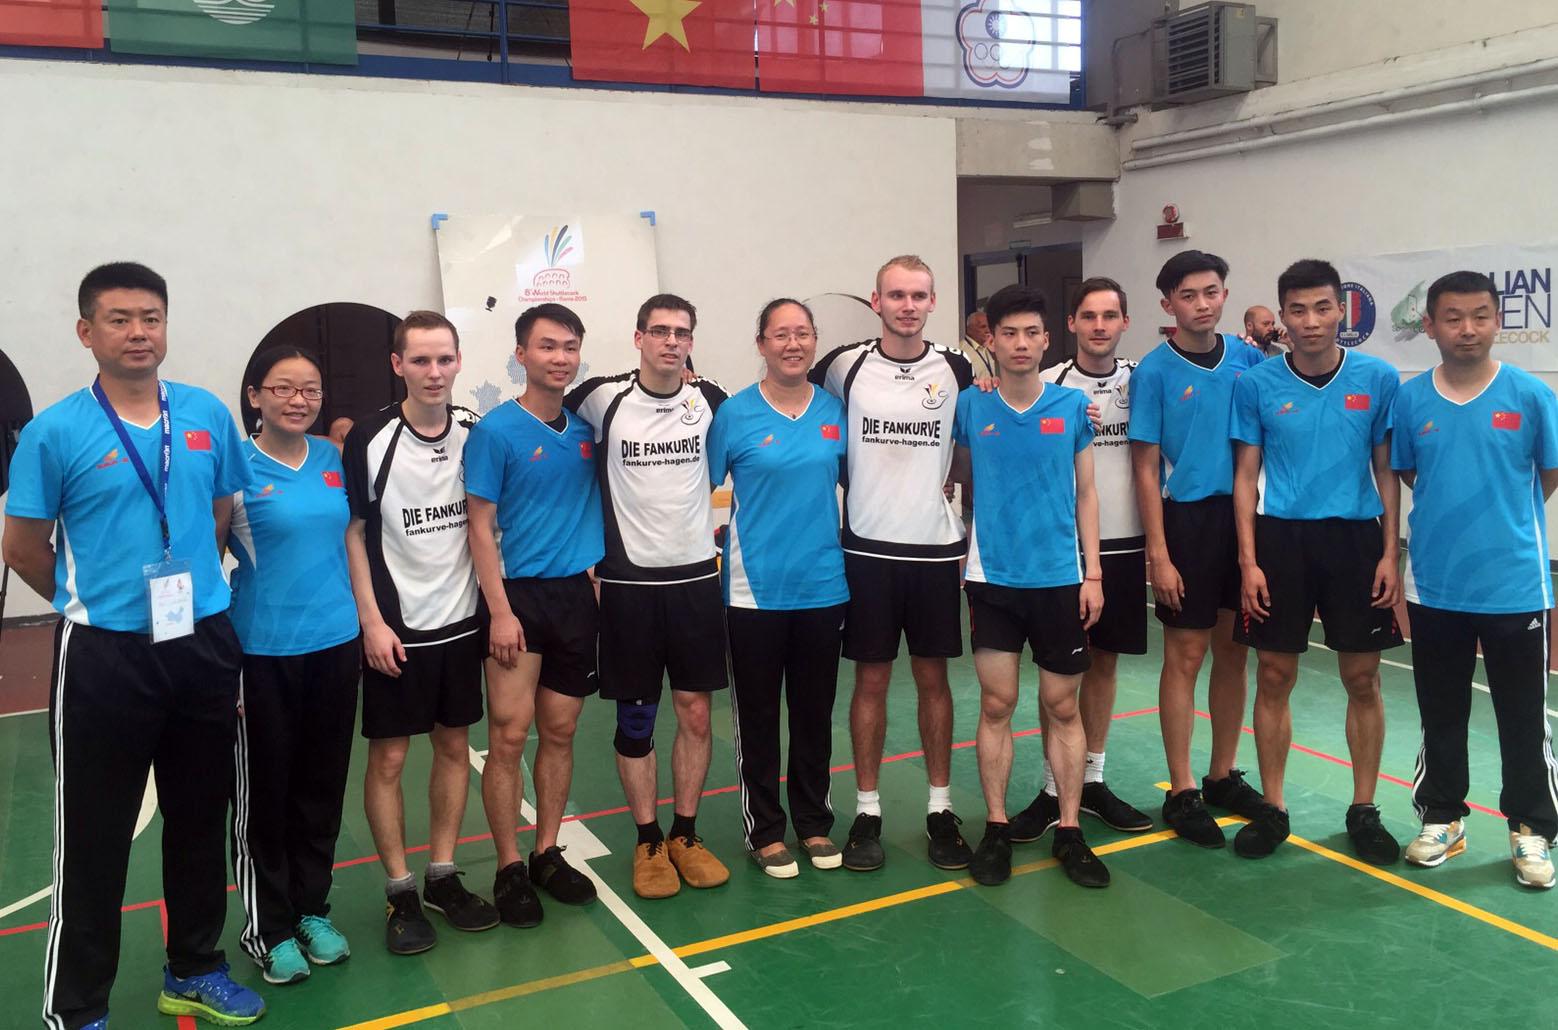 Erinner4ungsfoto nach dem Match gegen China: (v.l.) Torben Nass, Philipp Münzner, Philip Kühne und Noah Wilke.